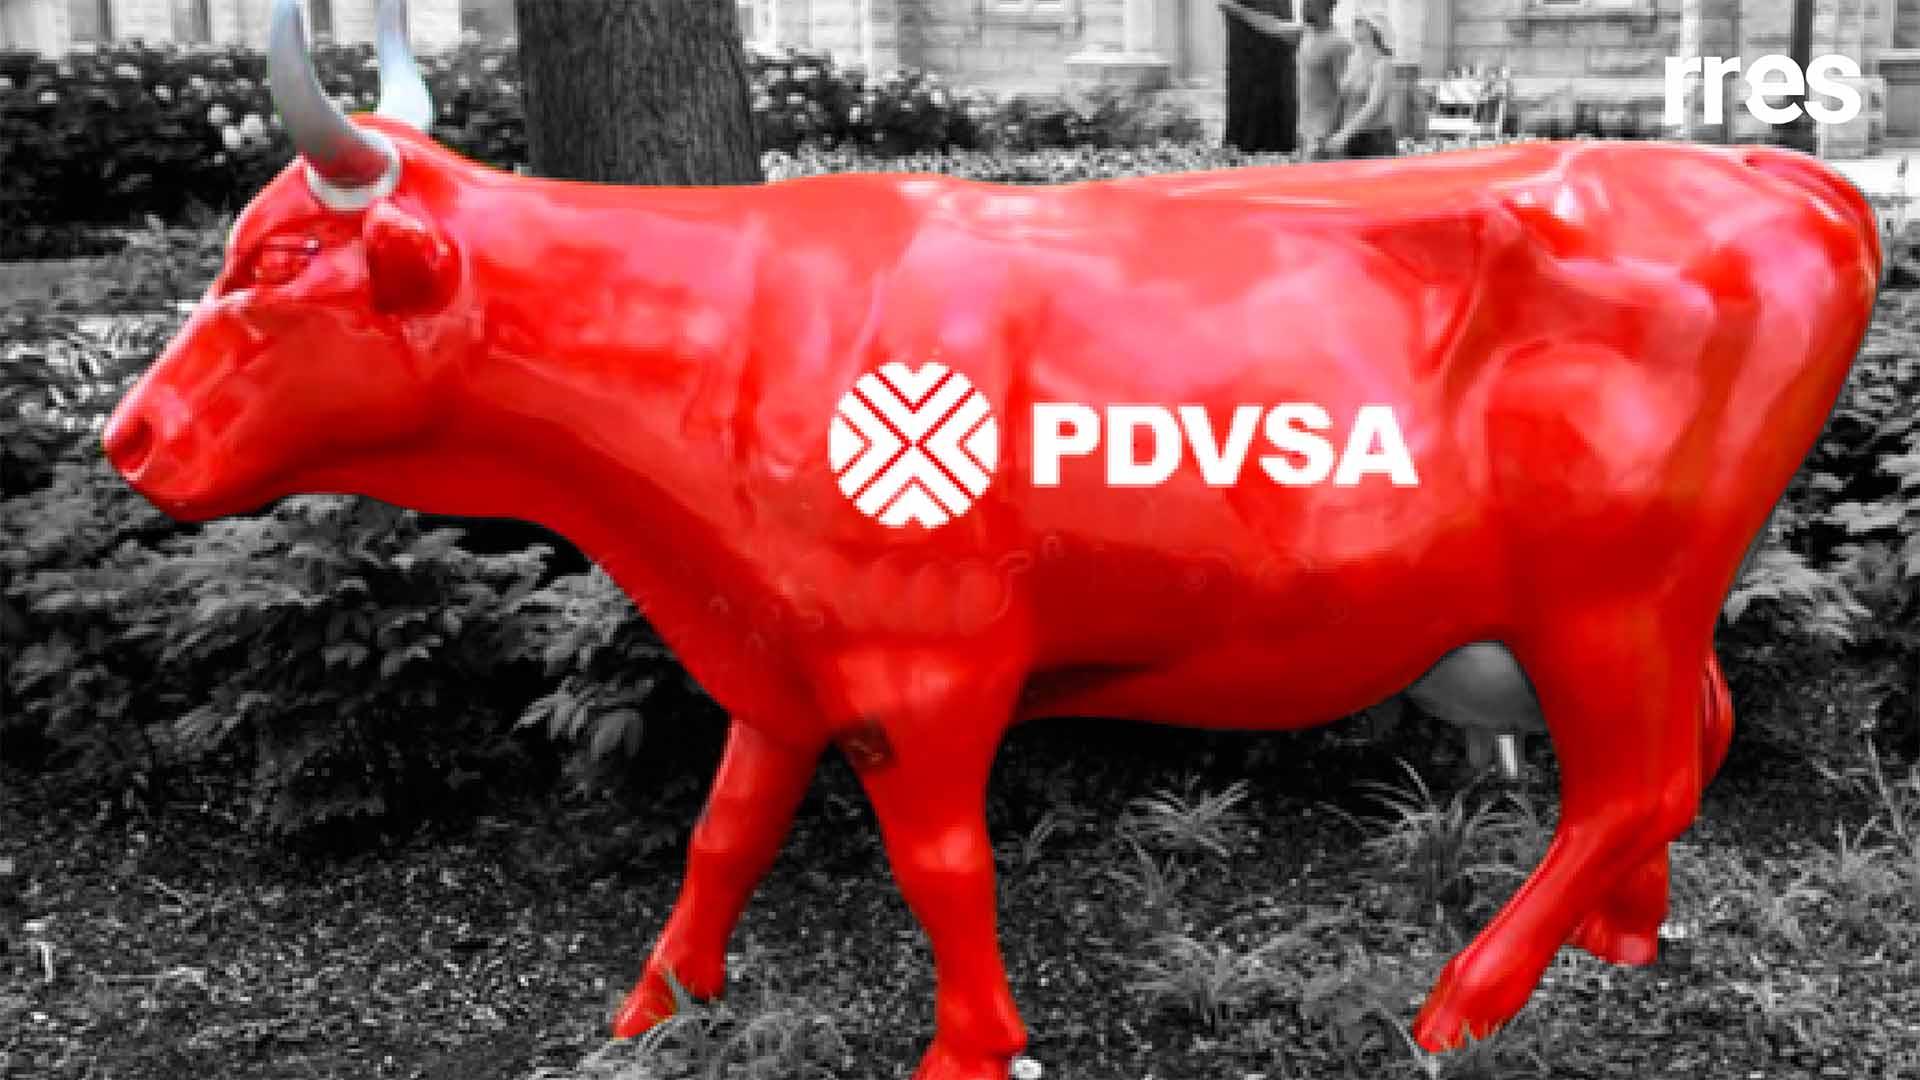 #Top10Humor | Formas de incentivar la producción de leche en Venezuela, por Víctor J. Ochoa S.